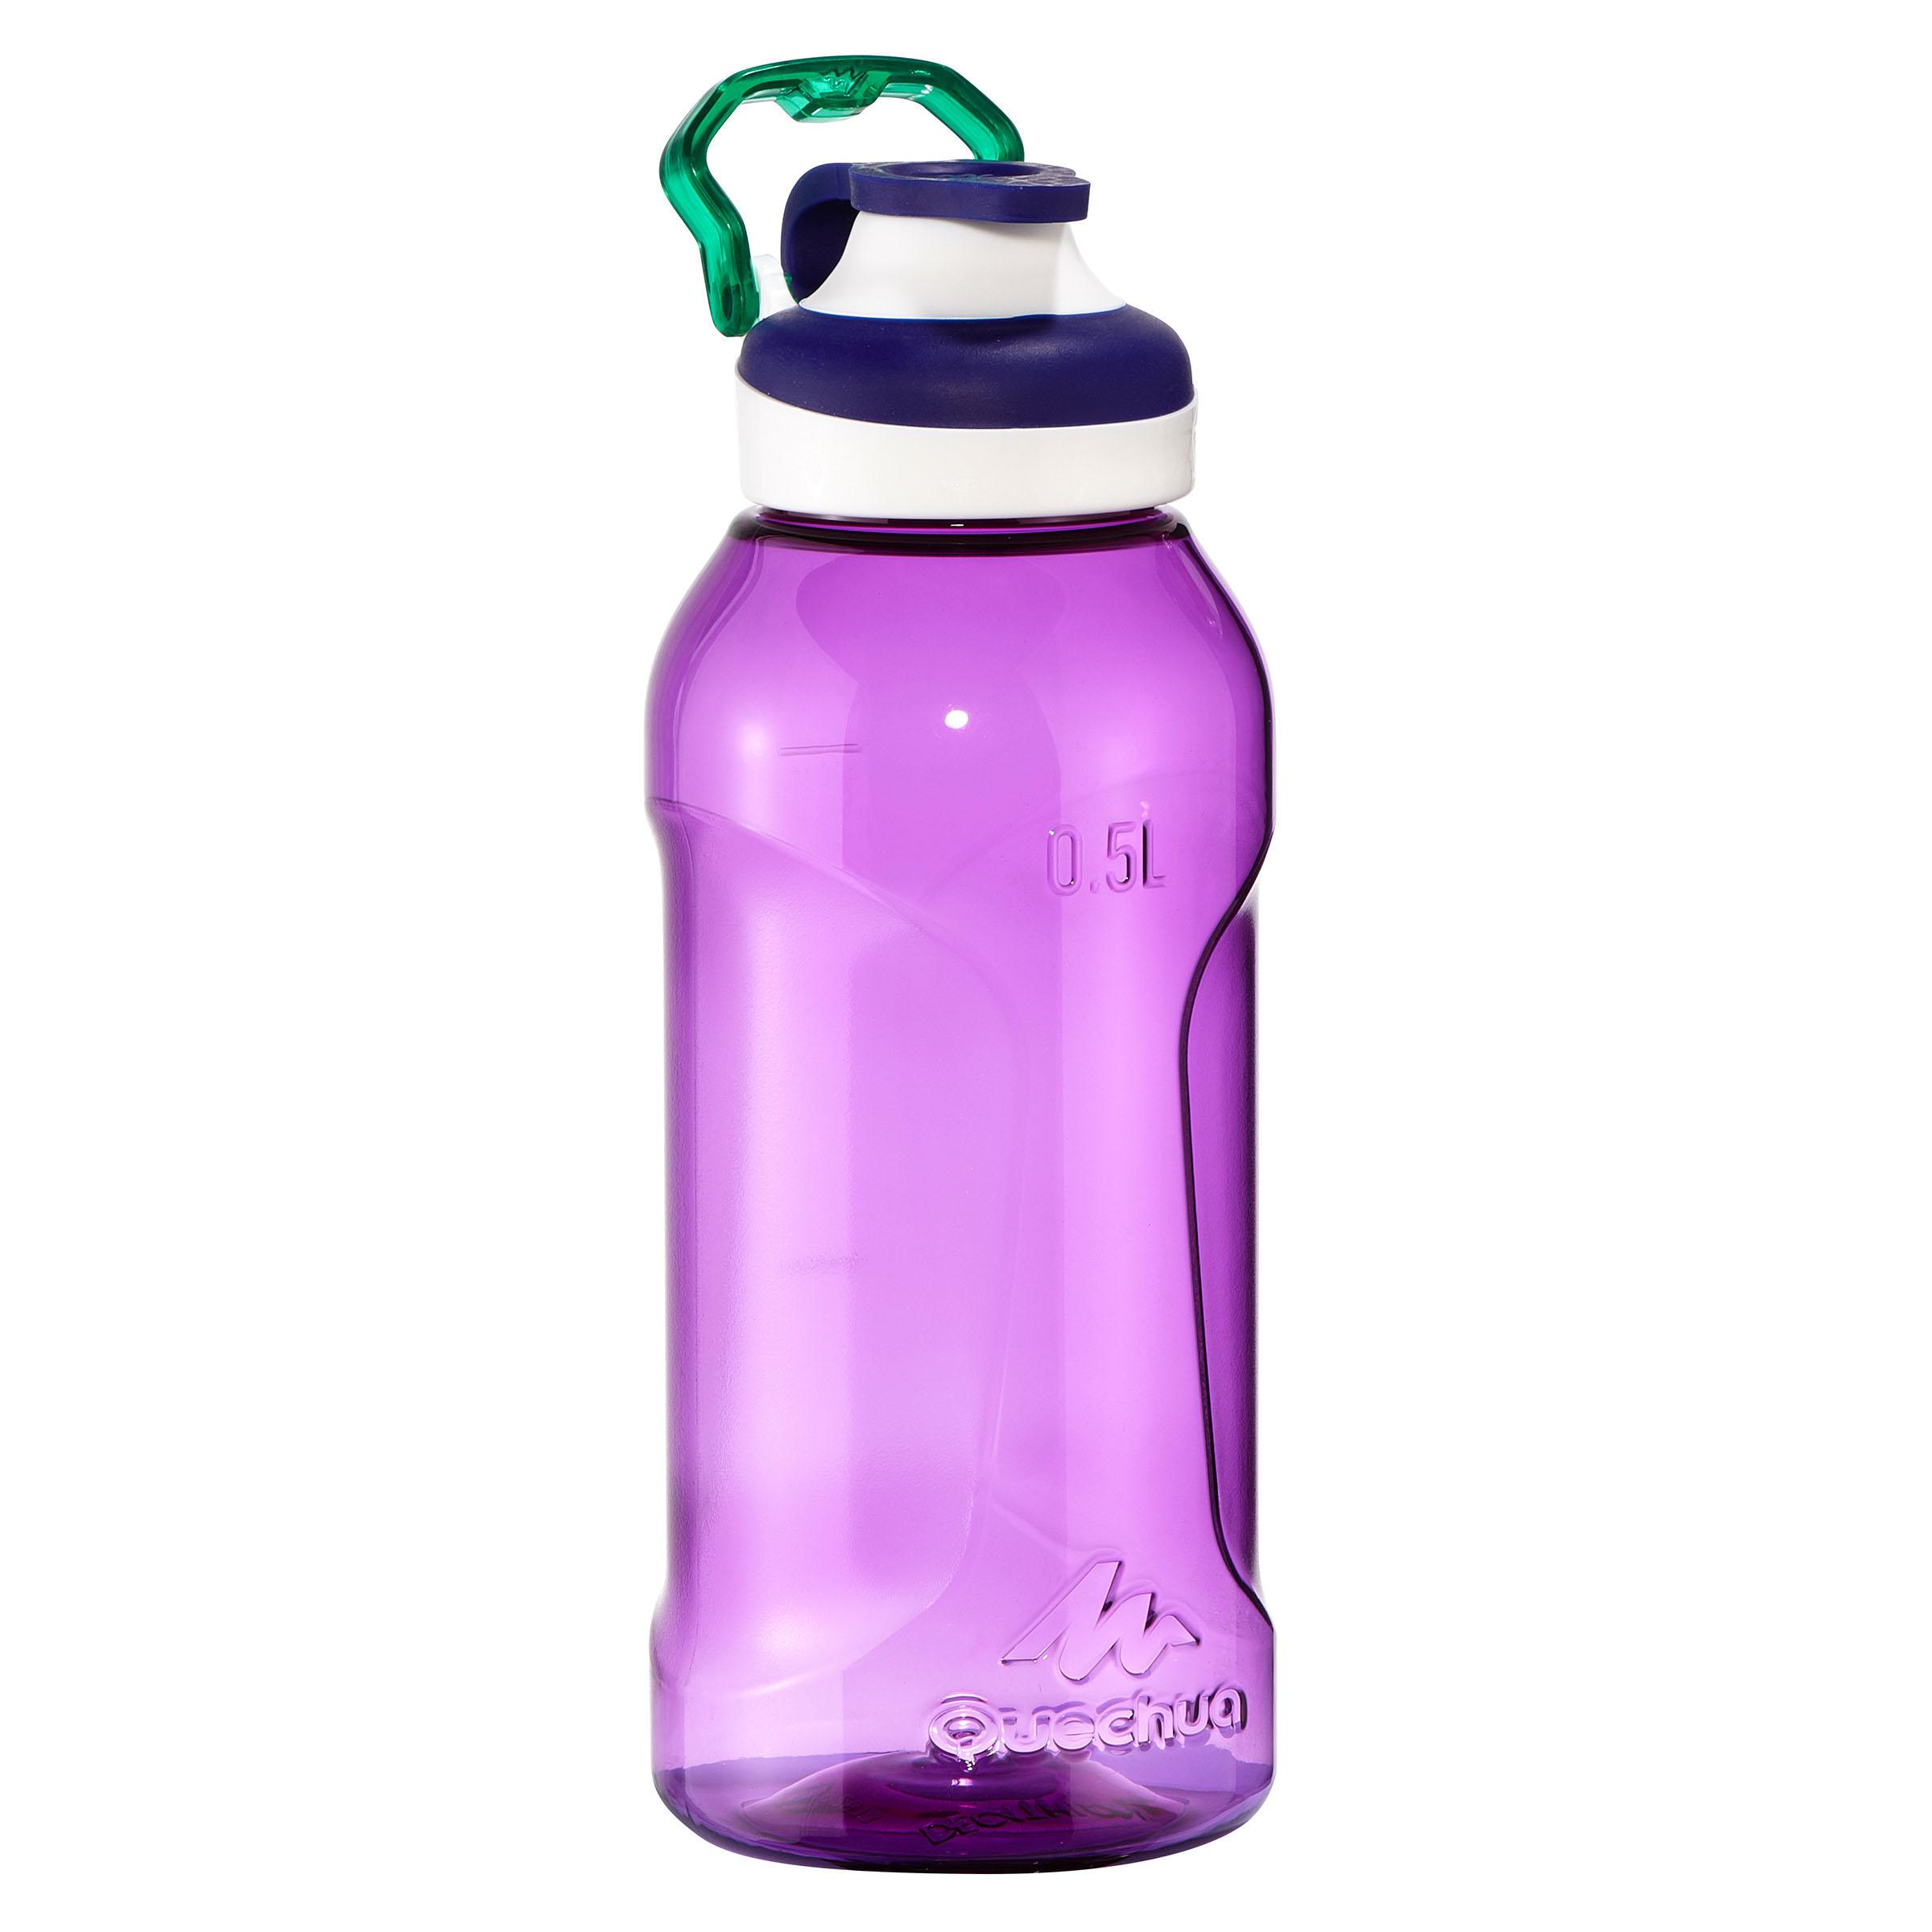 Botella senderismo 500 tapón apertura rápida 0.5 l plástico Tritán morado